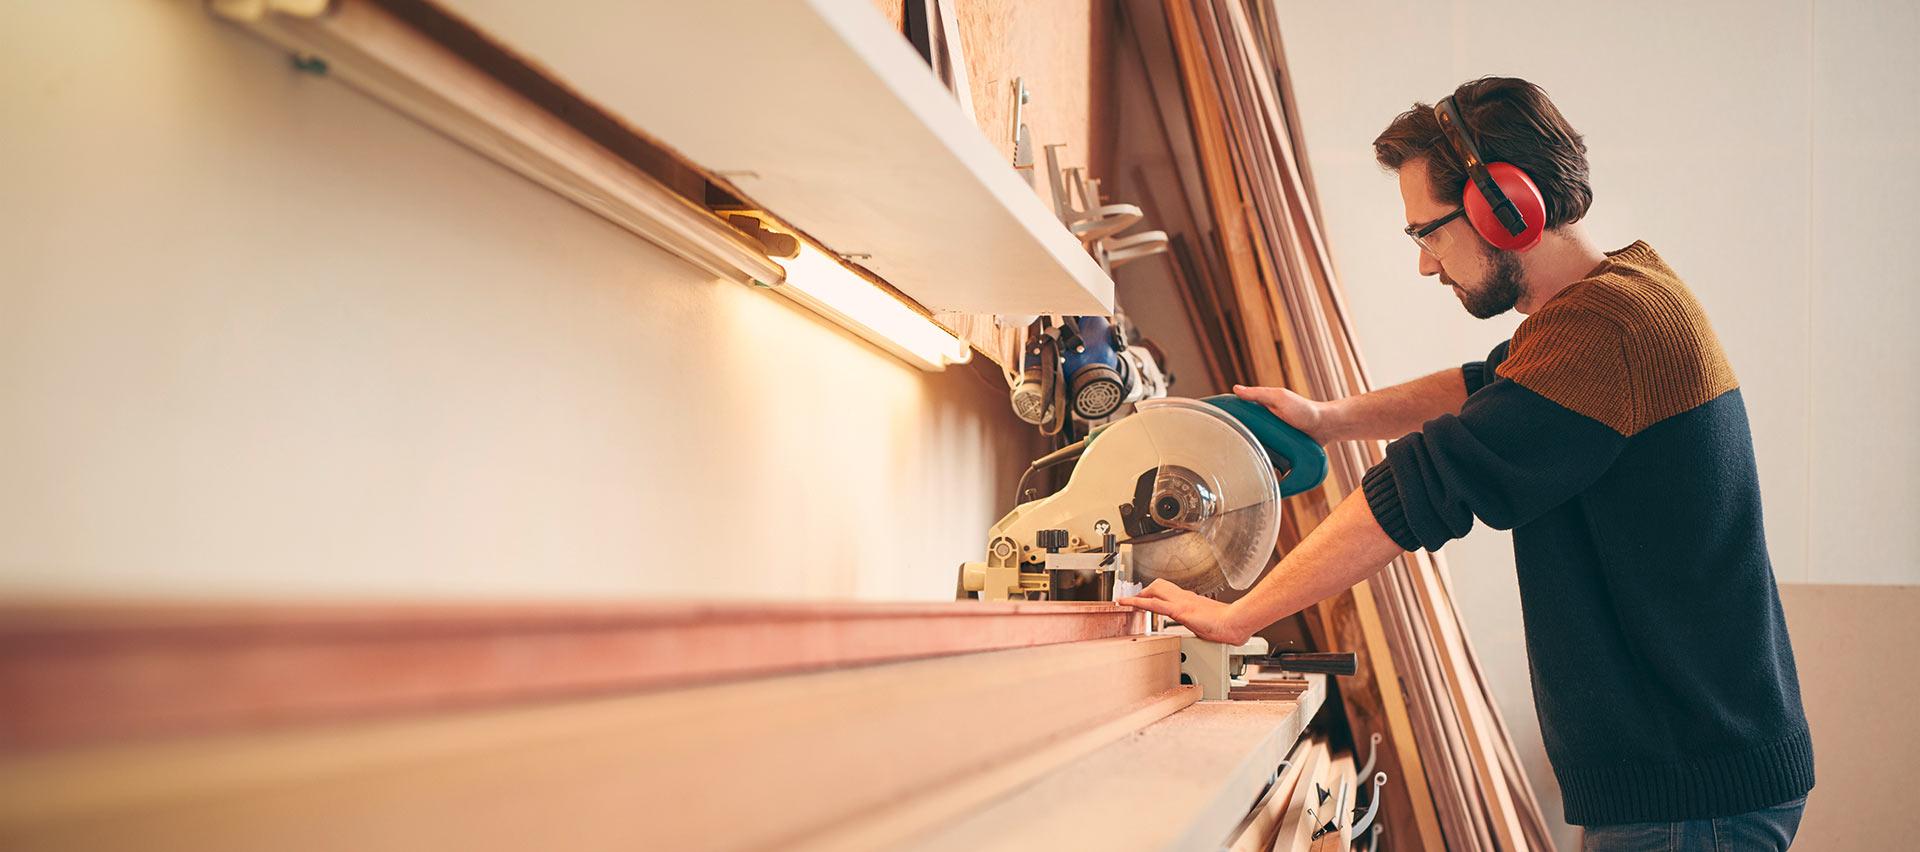 Professioneller Handwerkerservice für Handwerker bei Holz-Hauff